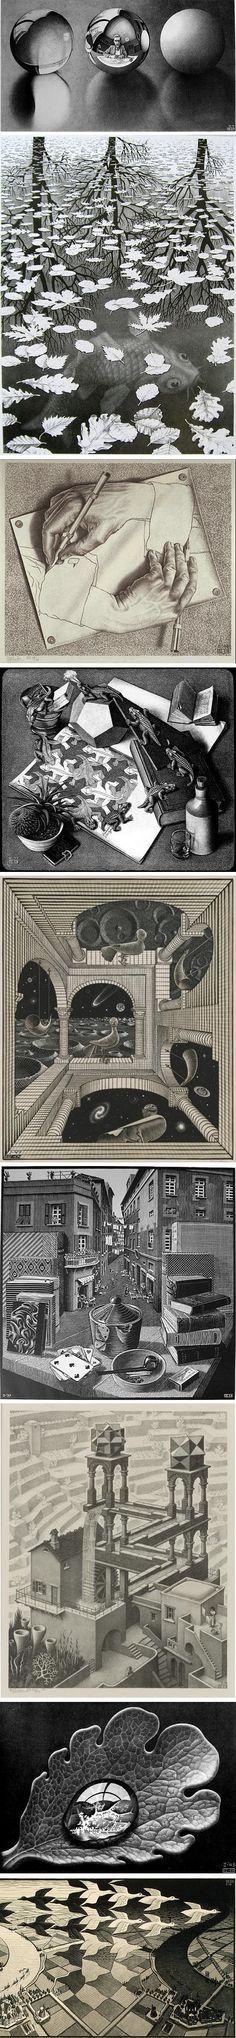 M.c.escher clipart tooth Clumsy Very Bach: Golden Escher